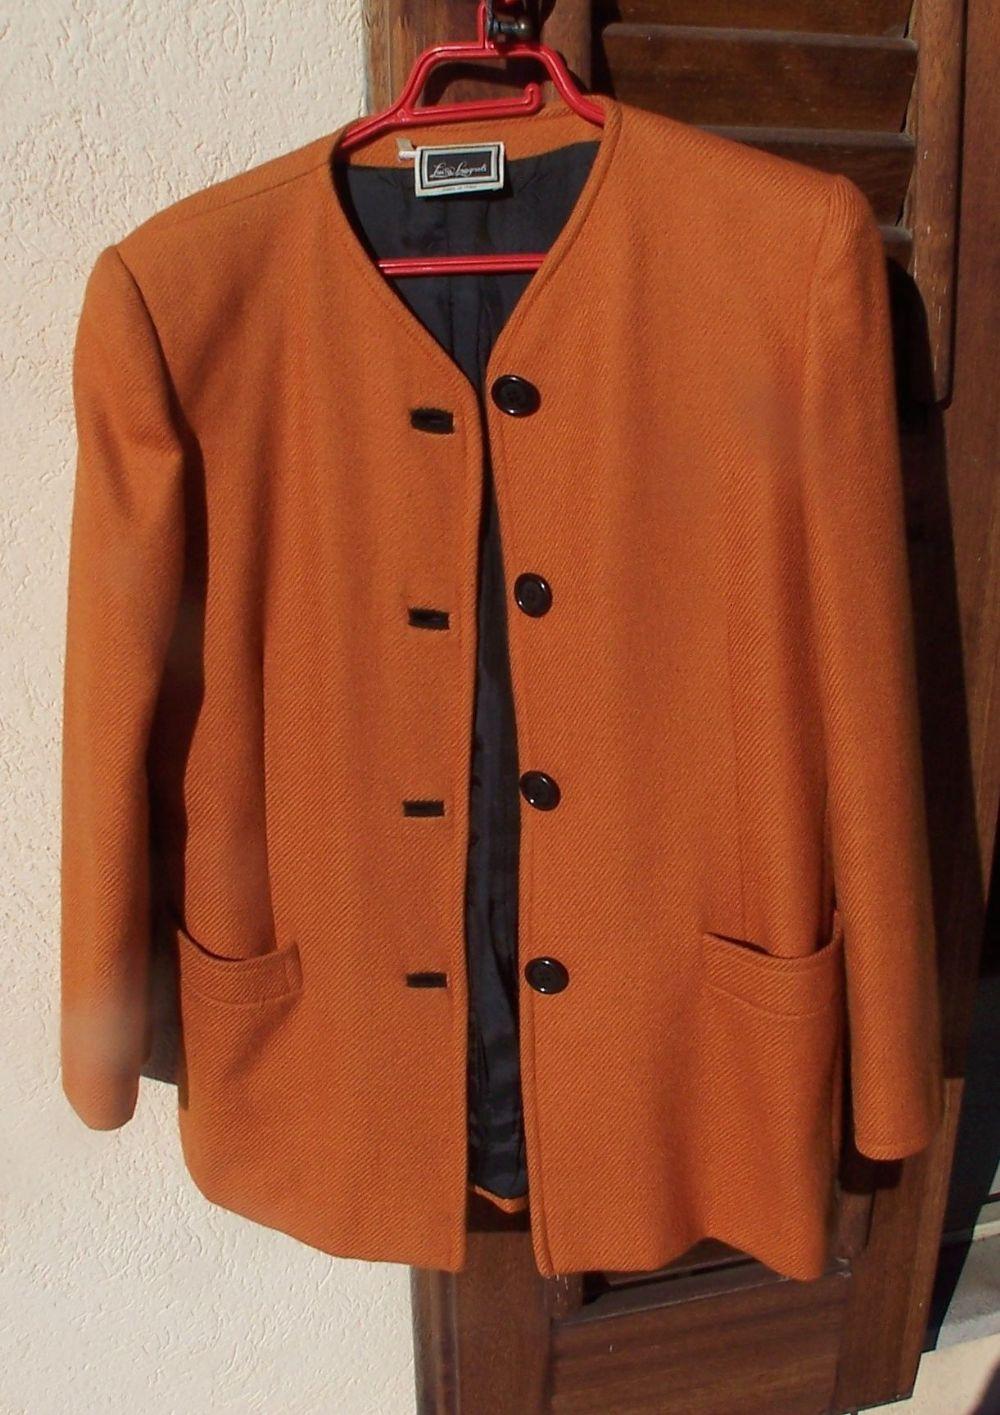 Descrizione Giacca lunga o cappottino Luisa Spagnoli color arancio scuro  molto bello in pura lana vergine modello quasi vintage con spalline ma non  troppo ... ee688f173fe3